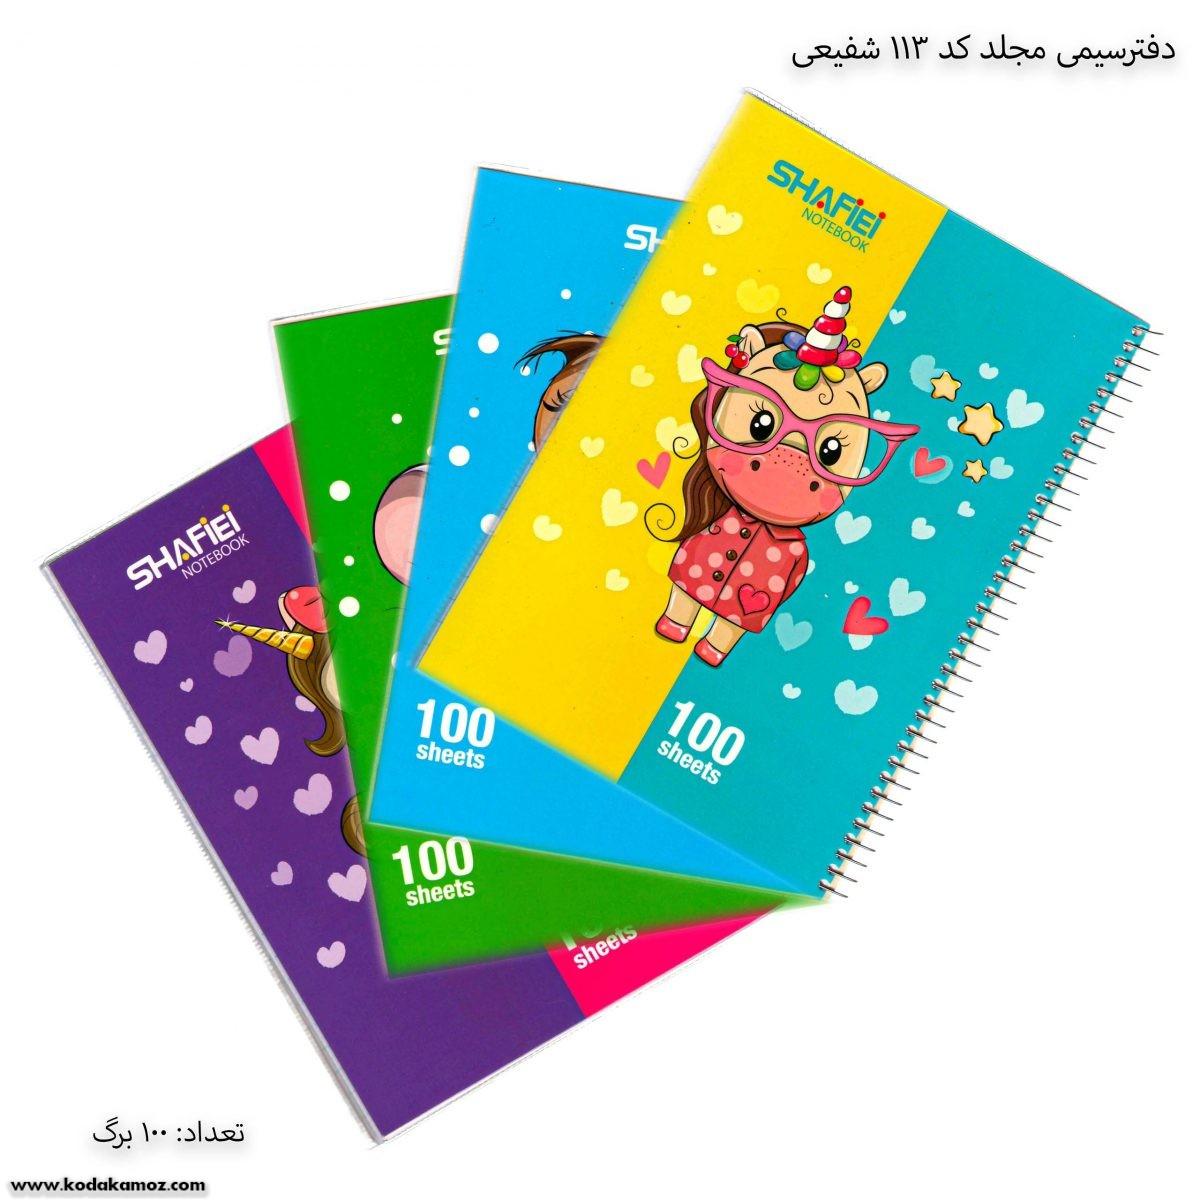 دفتر 100 سیمی مجلد کد 113 شفیعی